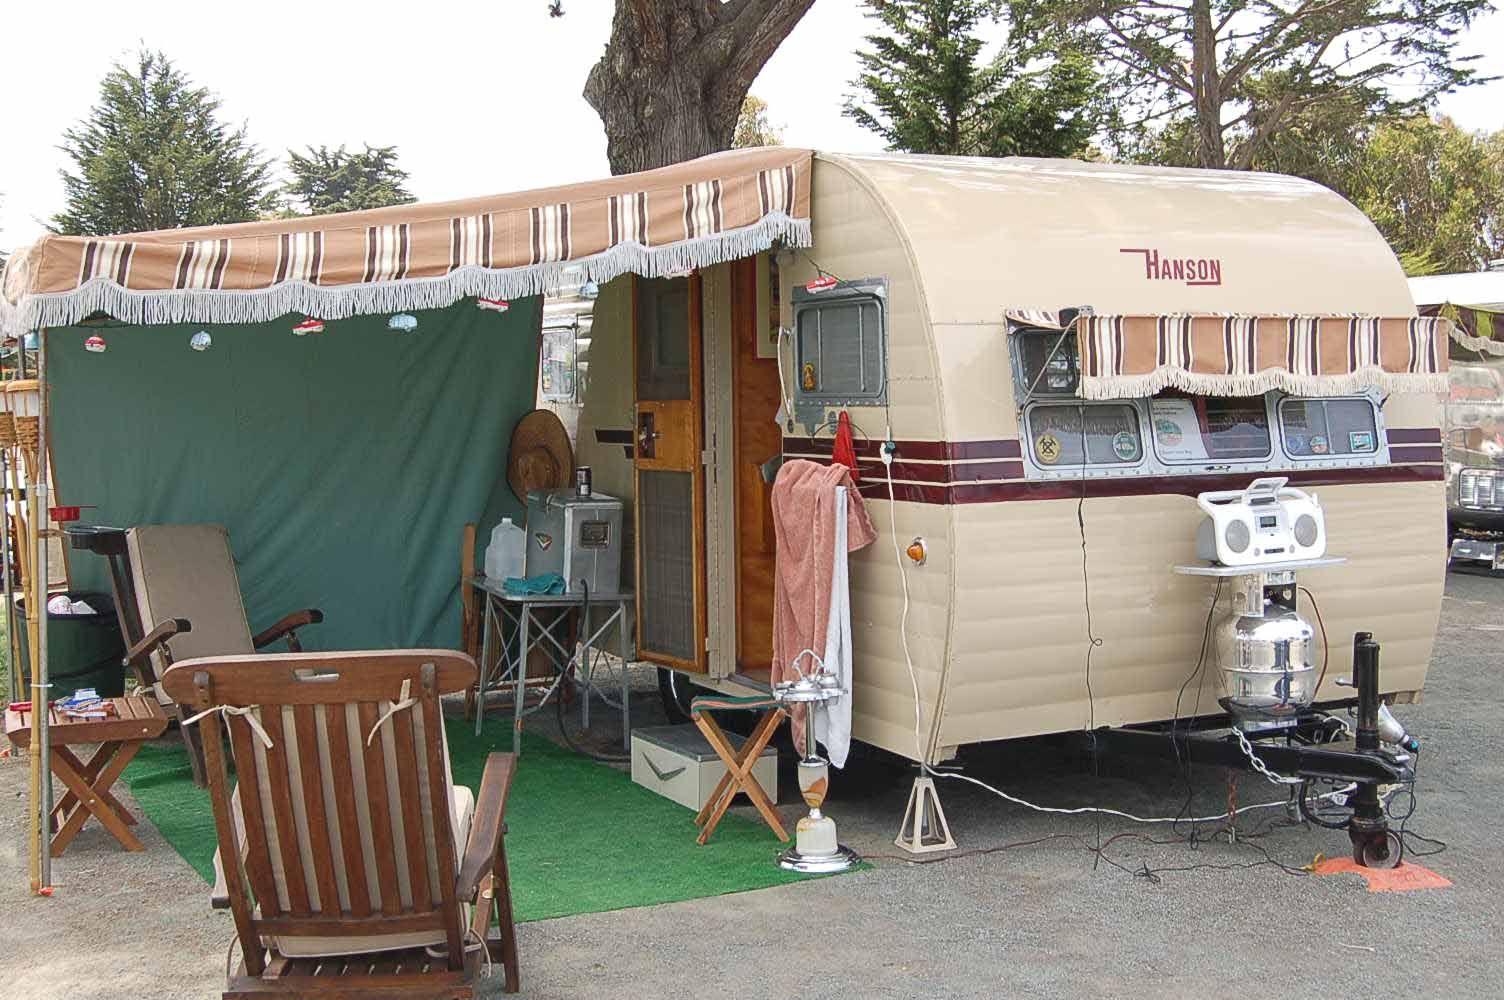 1952 Hanson Love Bug 101 Jpg 1504 1000 Vintage Trailers Camper Trailer For Sale Trailer Awning